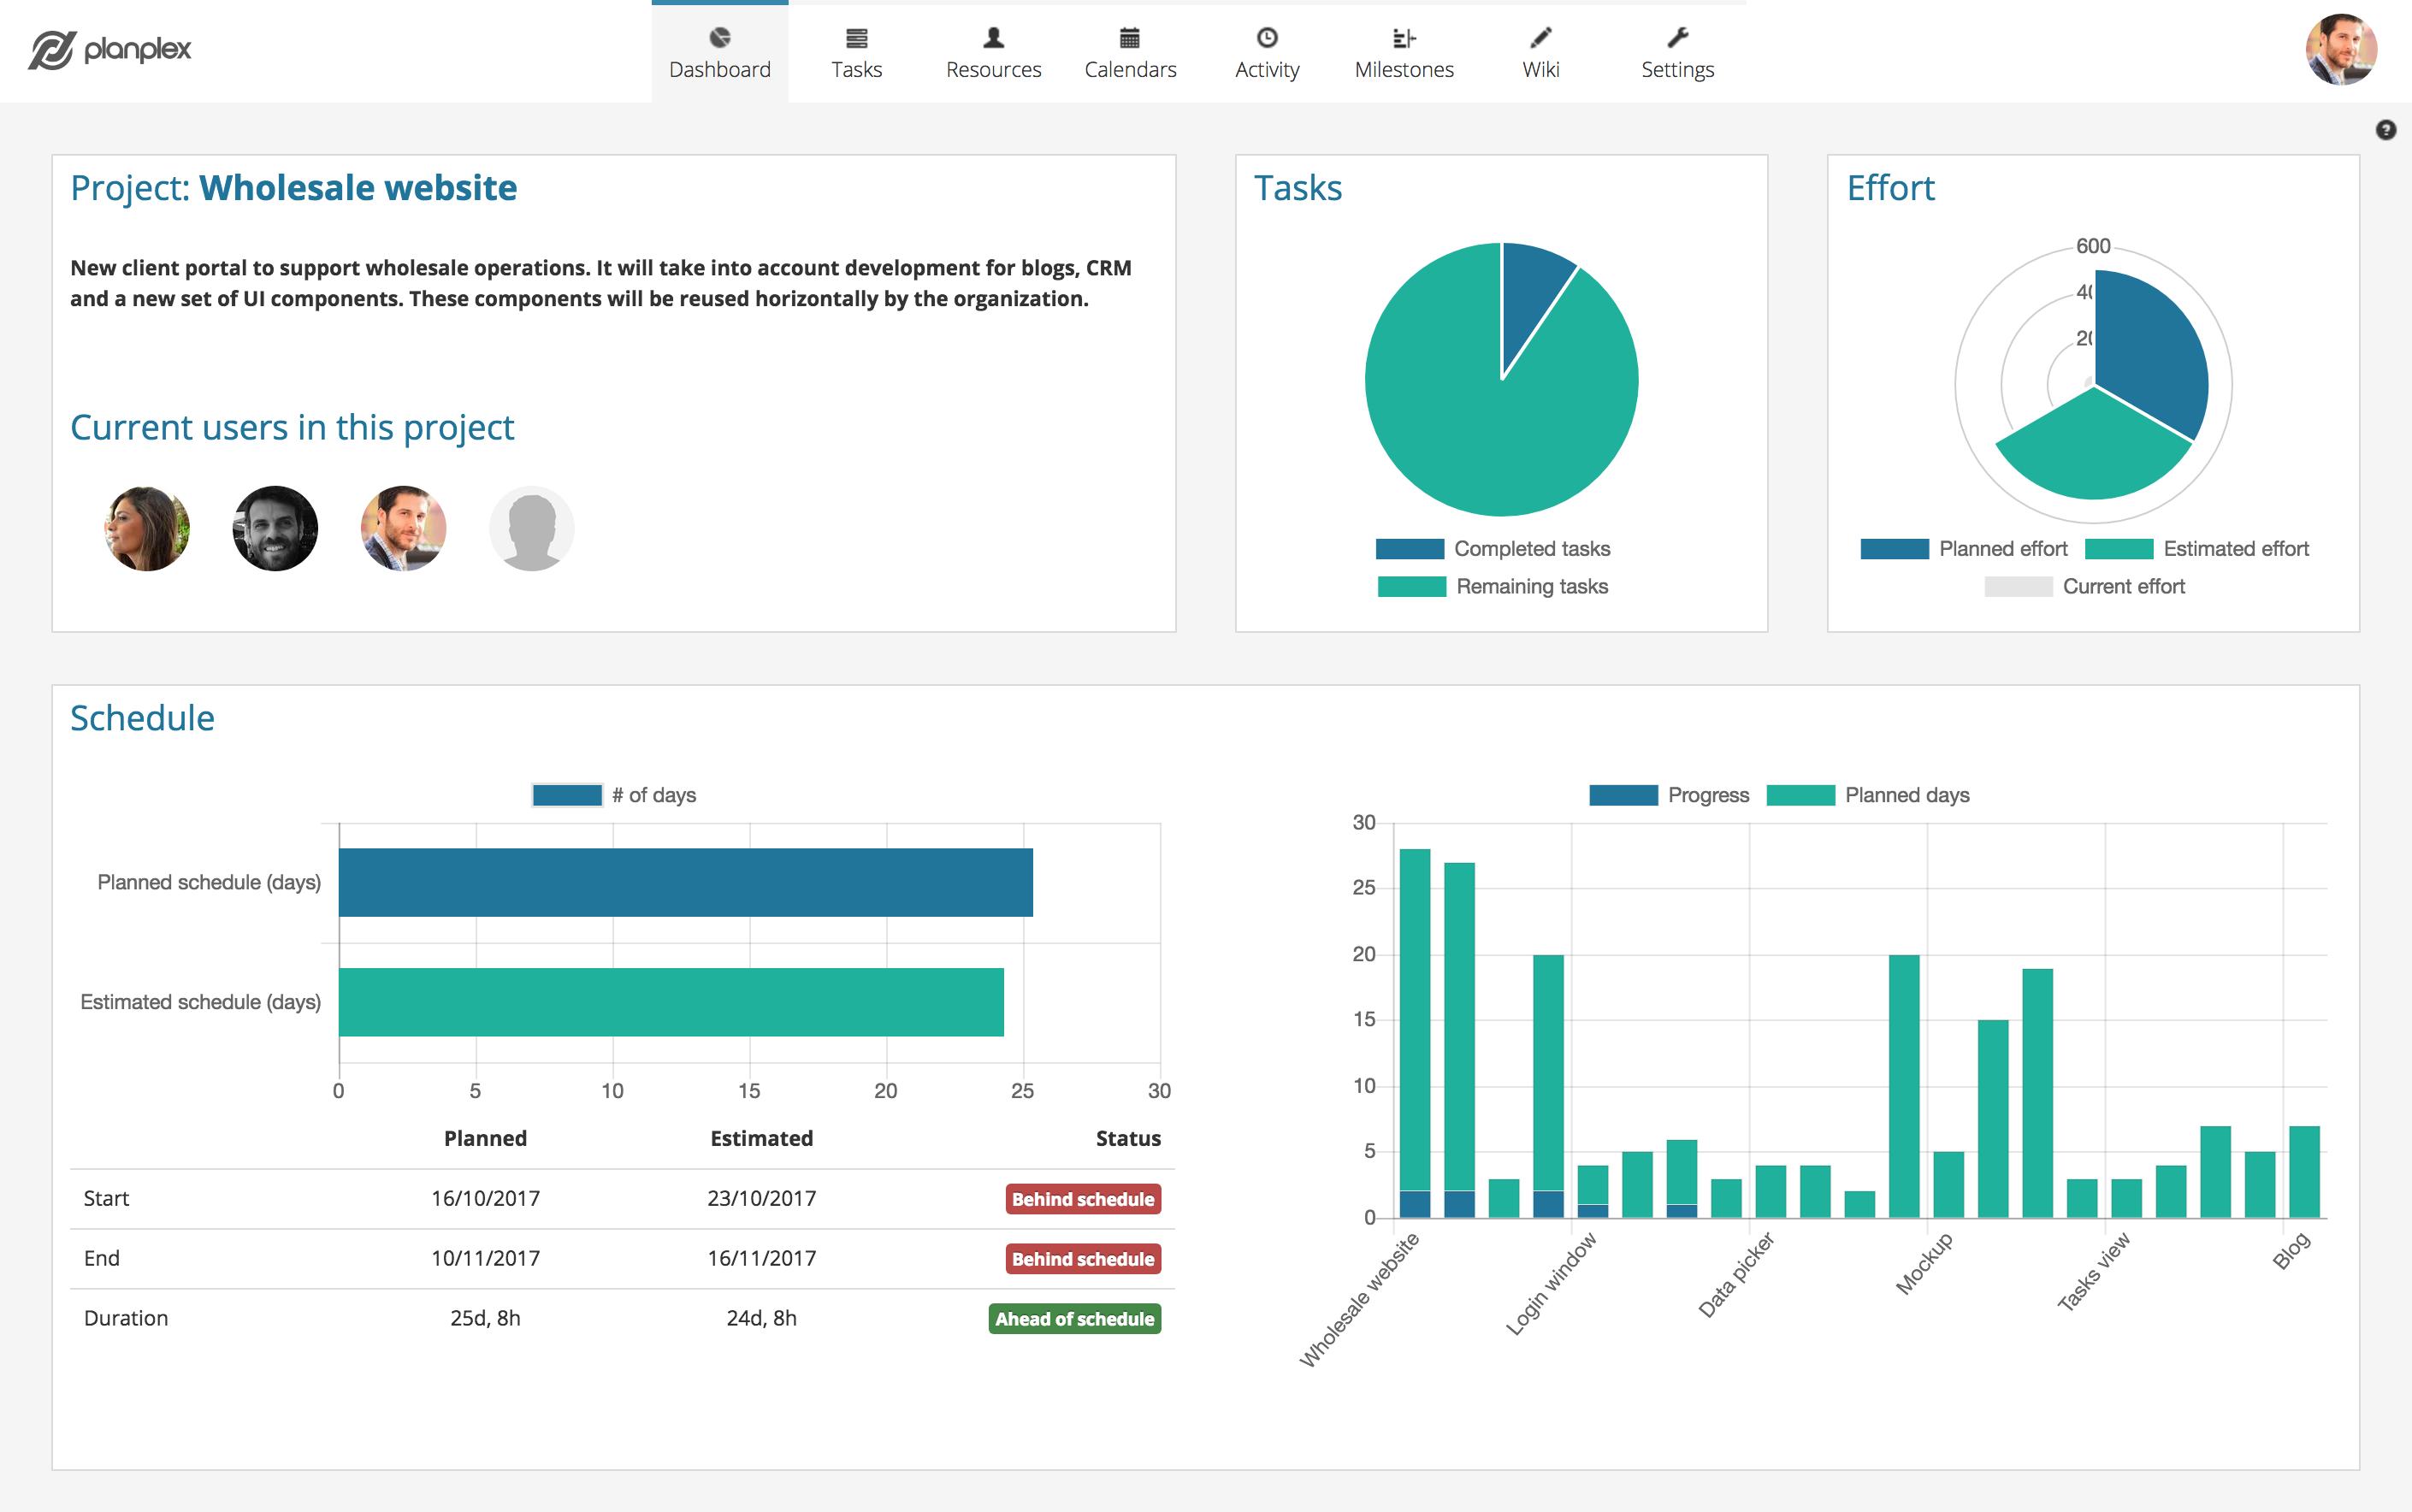 Planplex - Online project management tool